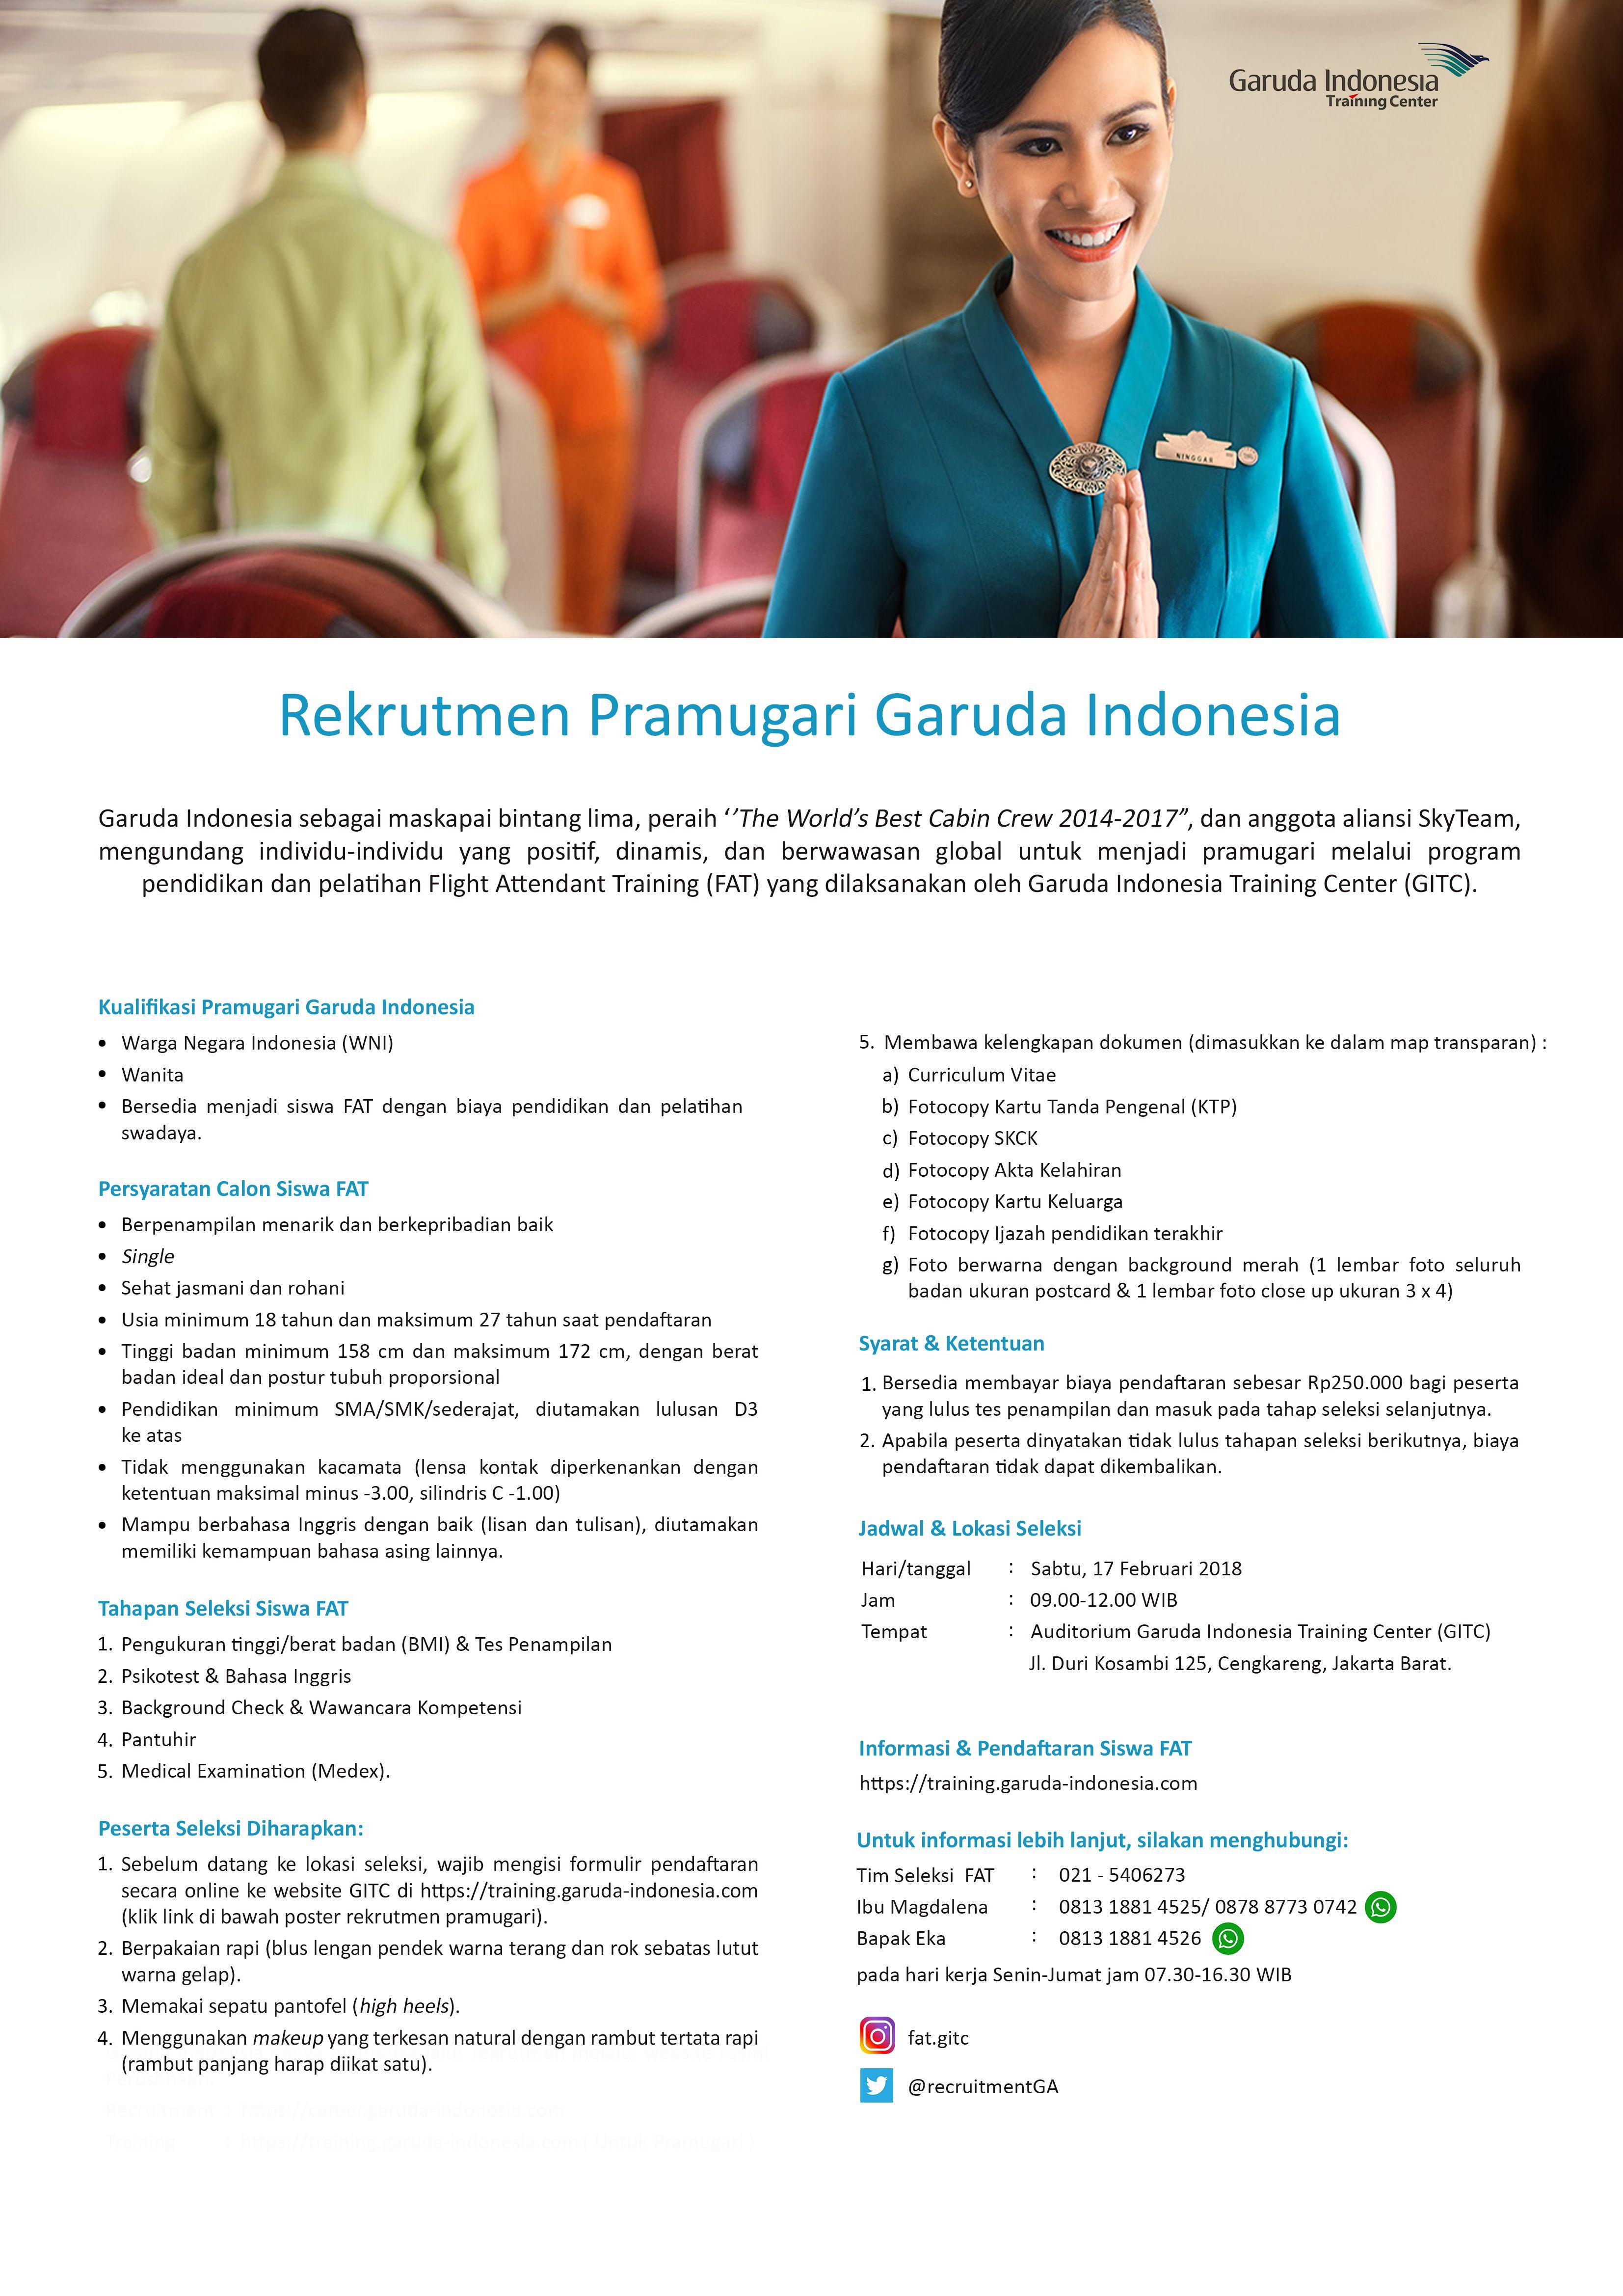 Pembukaan Pelatihan Pramugari Garuda Indonesia Training Center Periode Februari 2018 Di Jakarta Jakarta Pelatihanpramugari Pramu Pramugari Latihan Indonesia